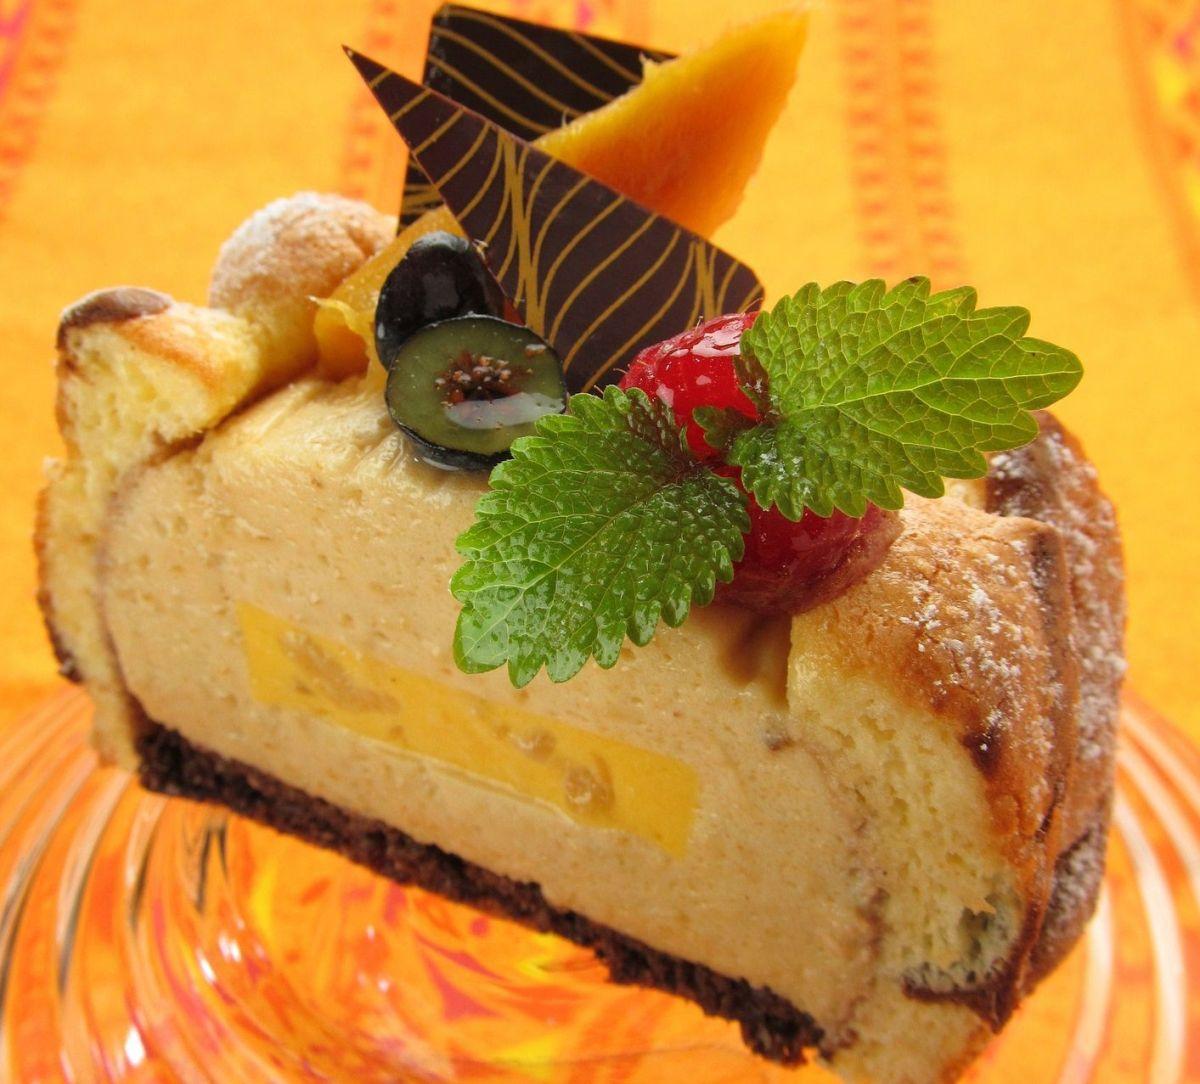 Rico y liviano: Receta de pastel tropical de mango y plátano sin harina